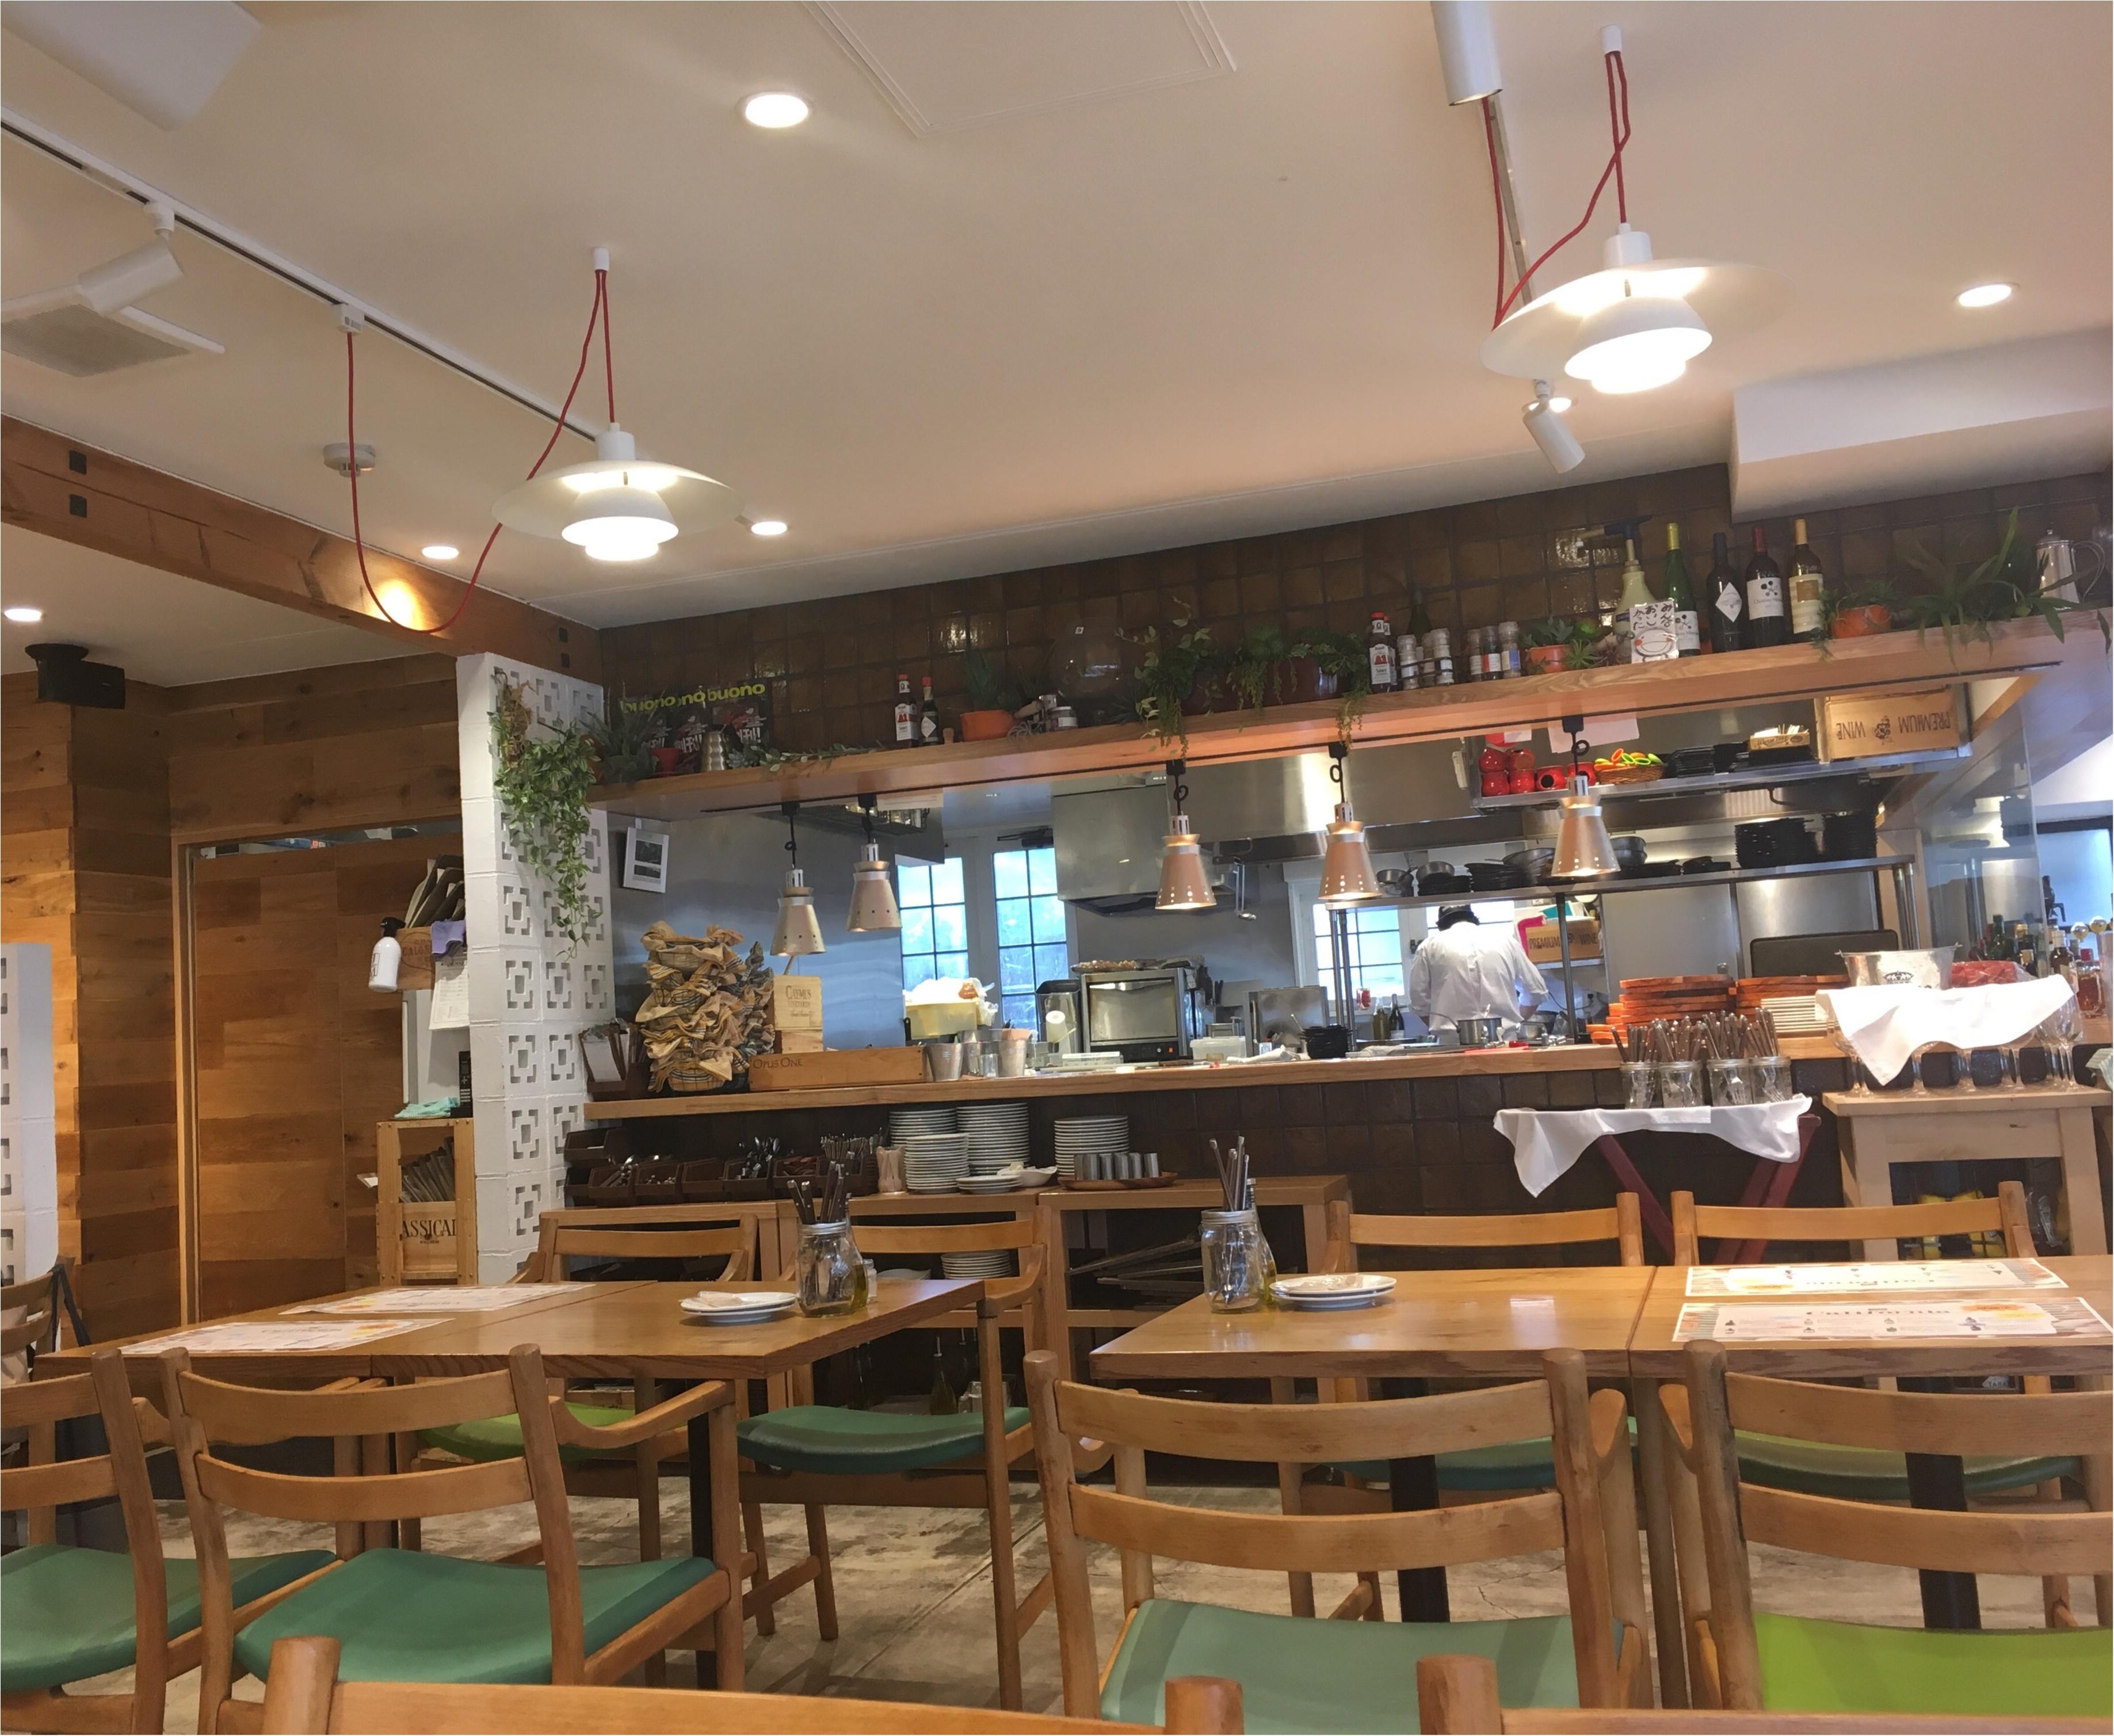 【朝活スポット】✰パンマニアがオススメする✰世田谷のオシャレなカフェでゆったりモーニング。_2